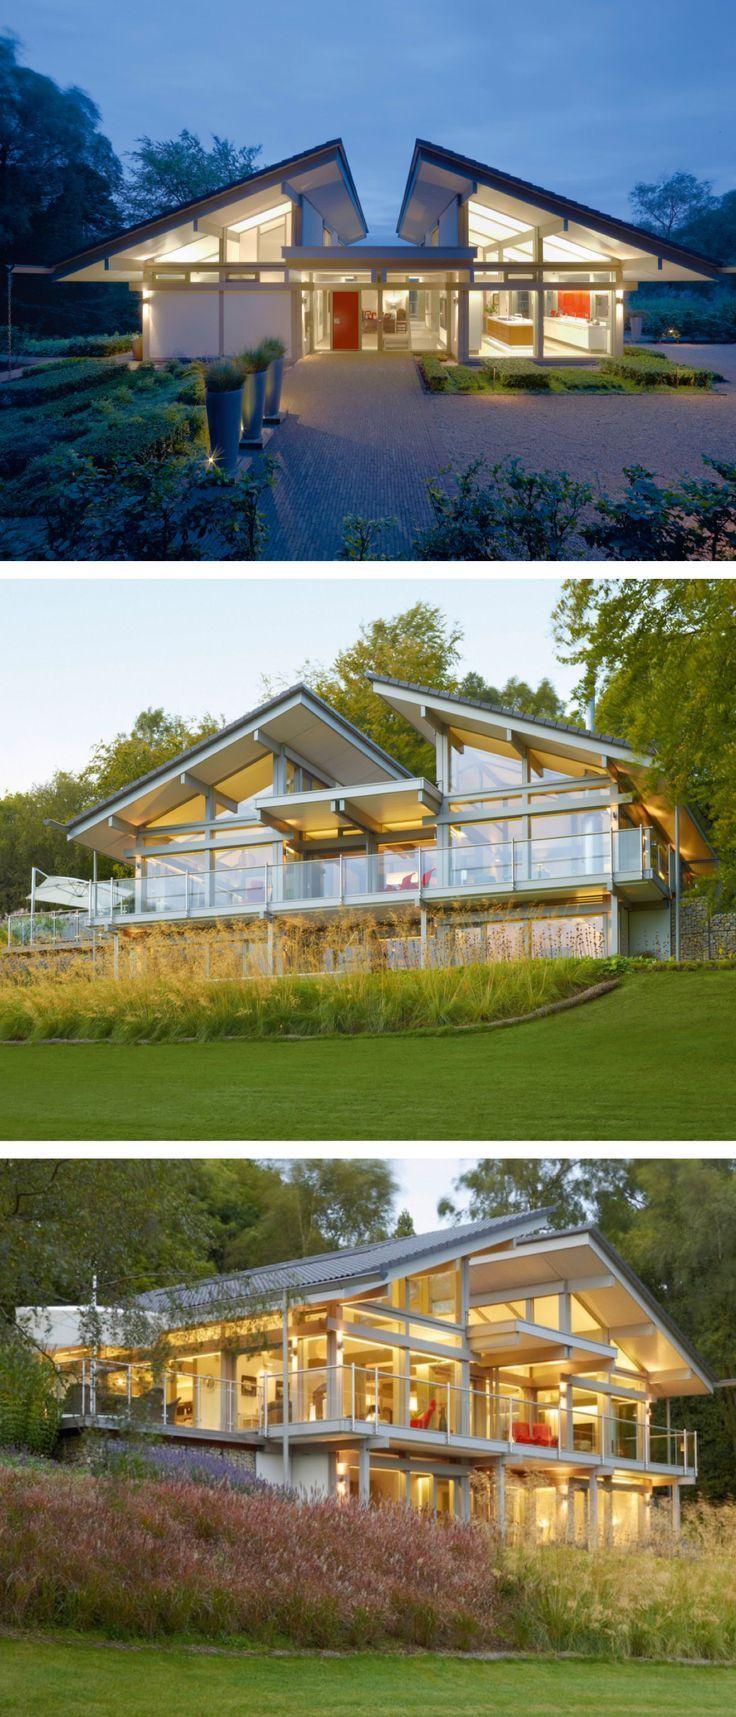 Fachwerk Bungalow Design Modern Mit Pultdach Architektur Offen Glas Fassade Einfamilienhaus In Hanglage Bauen Huf Haus Art Sonder